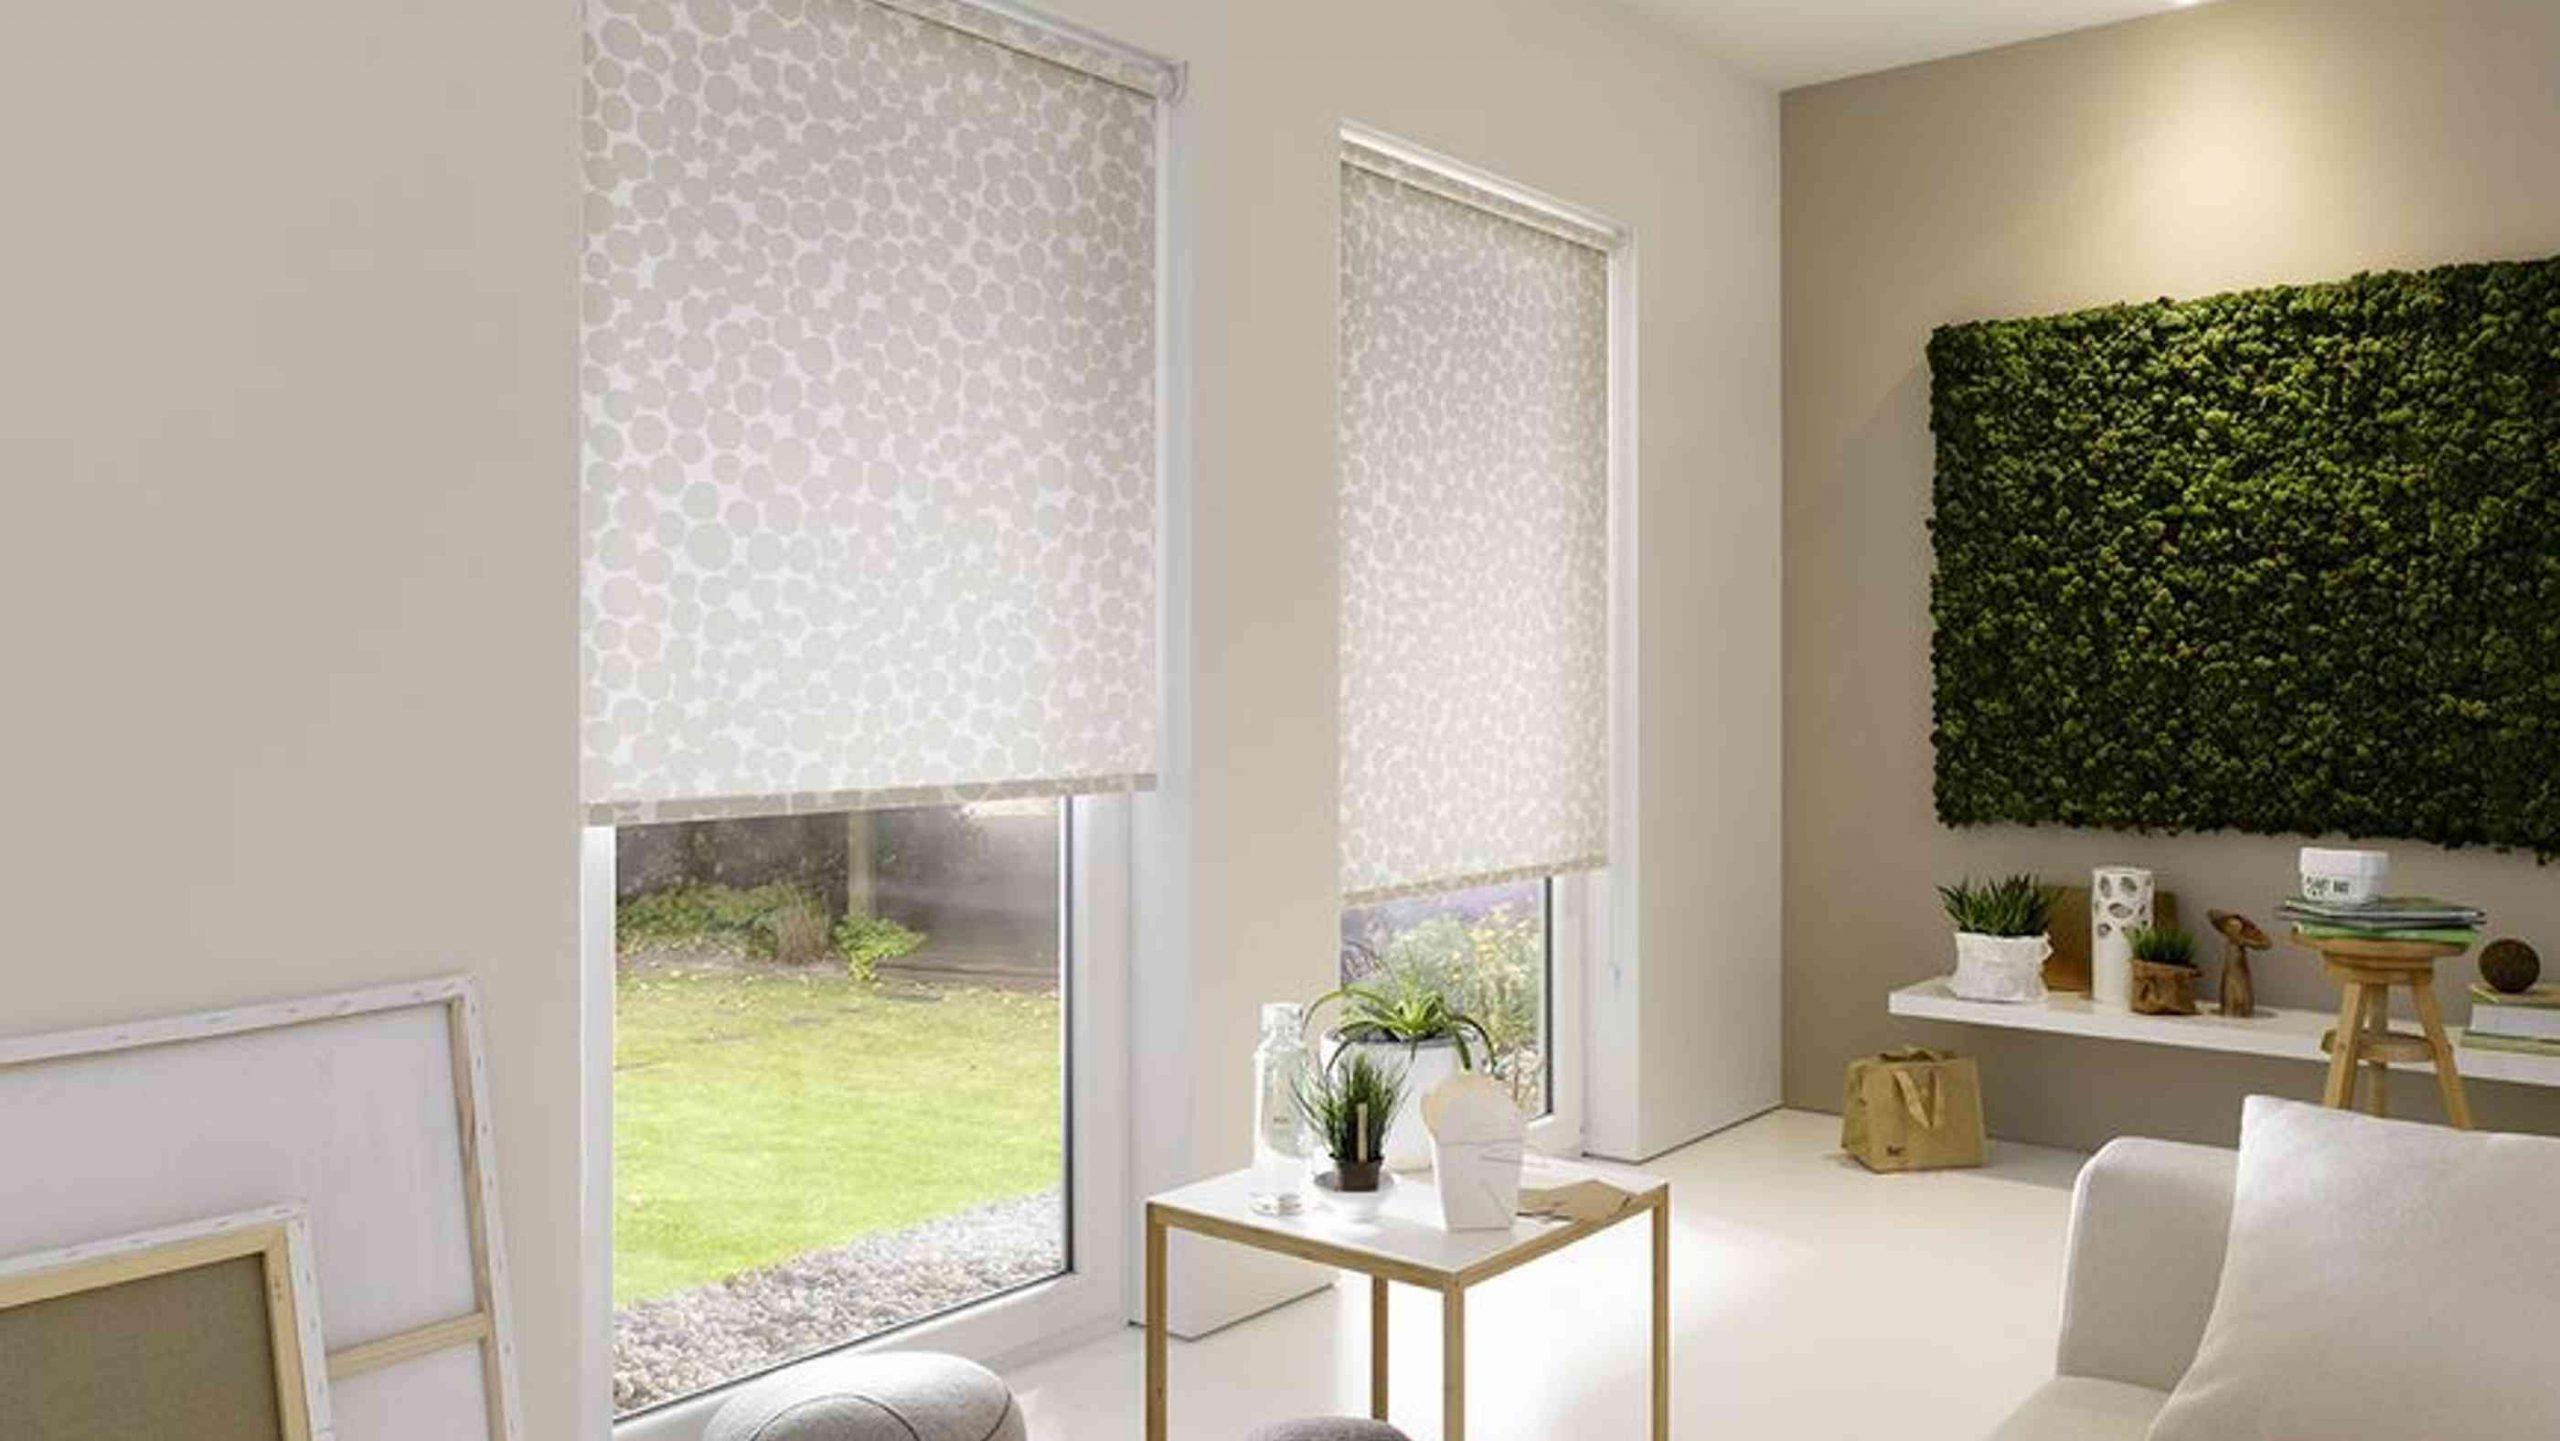 Full Size of Fensterdekoration Gardinen Beispiele Für Die Küche Wohnzimmer Schlafzimmer Scheibengardinen Fenster Wohnzimmer Fensterdekoration Gardinen Beispiele